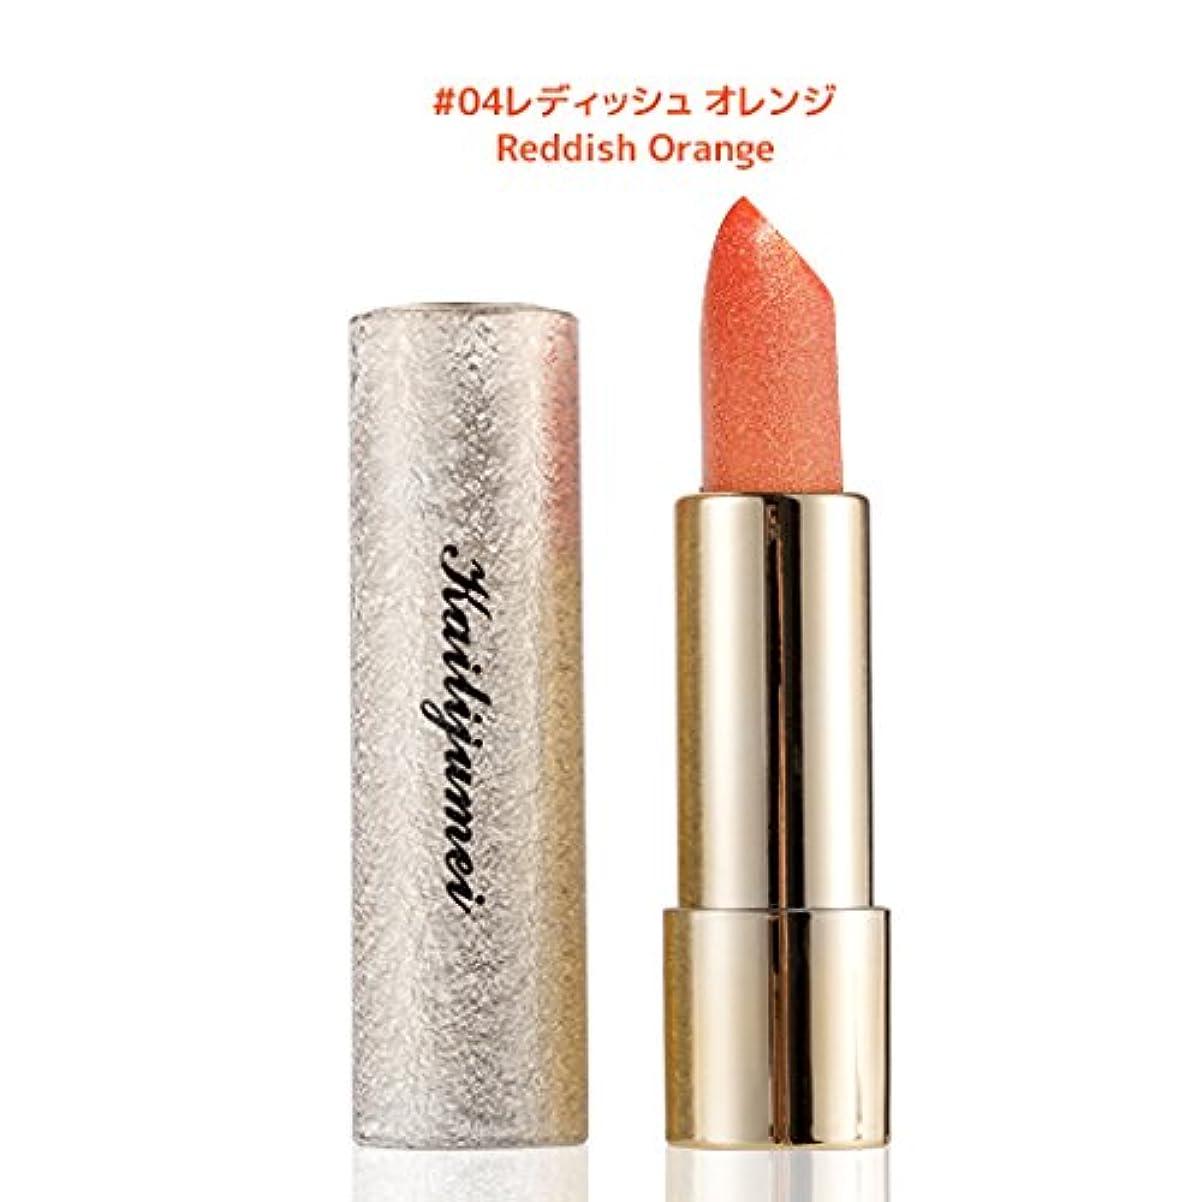 ビーズ楽観的両方【Kailijumei】カイリジュメイ ブライトパール リップスティック/04# レディッシュ オレンジ/Rishedd Orange/Bright Pearl/温度によって色が変わる/口紅/リップクリーム/リップグロス/正規品 [メール便]